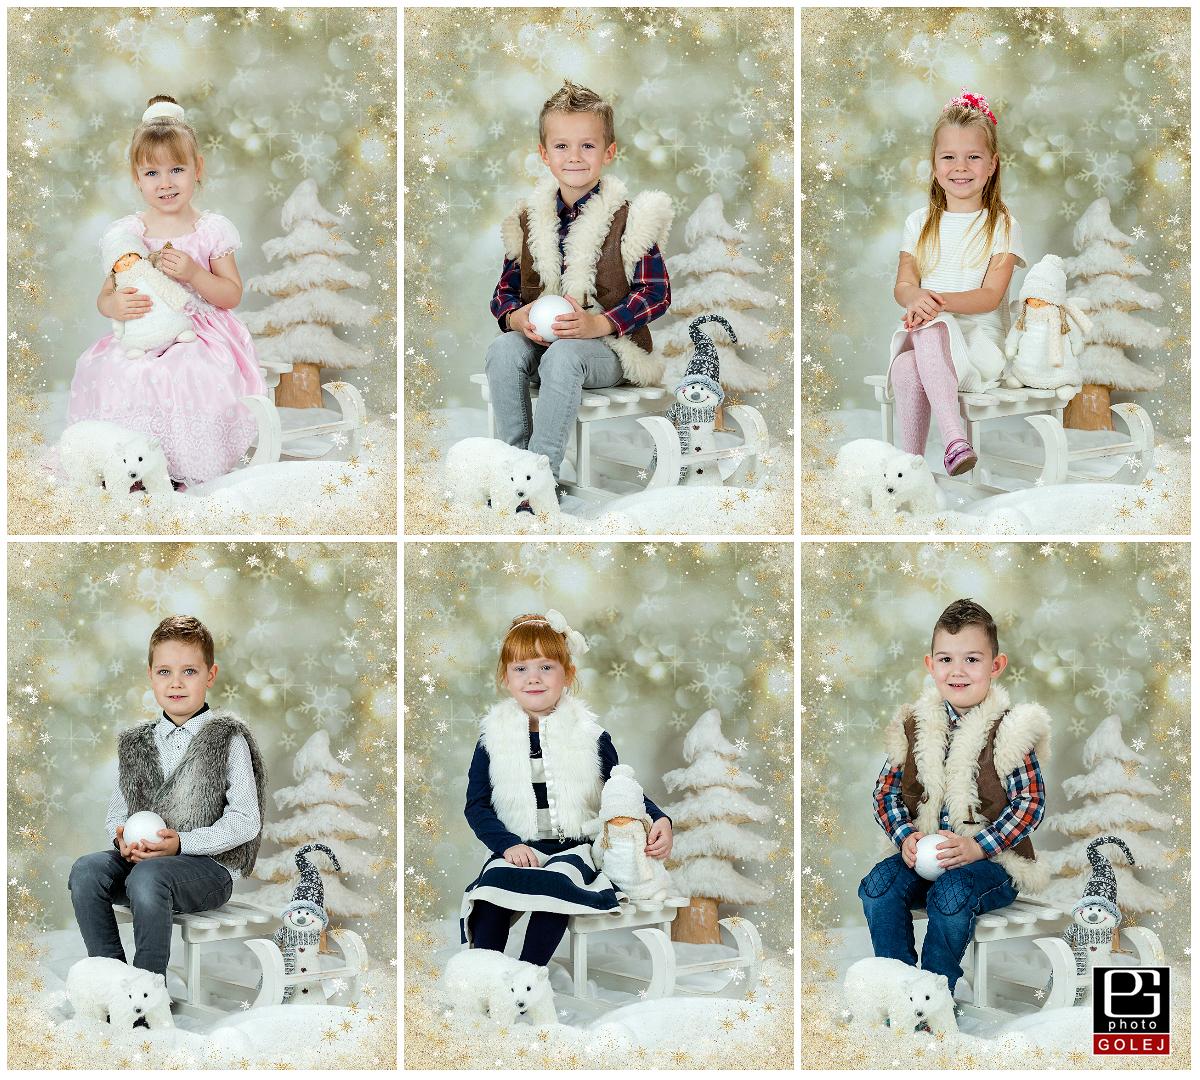 Školkárske vianočné fotky